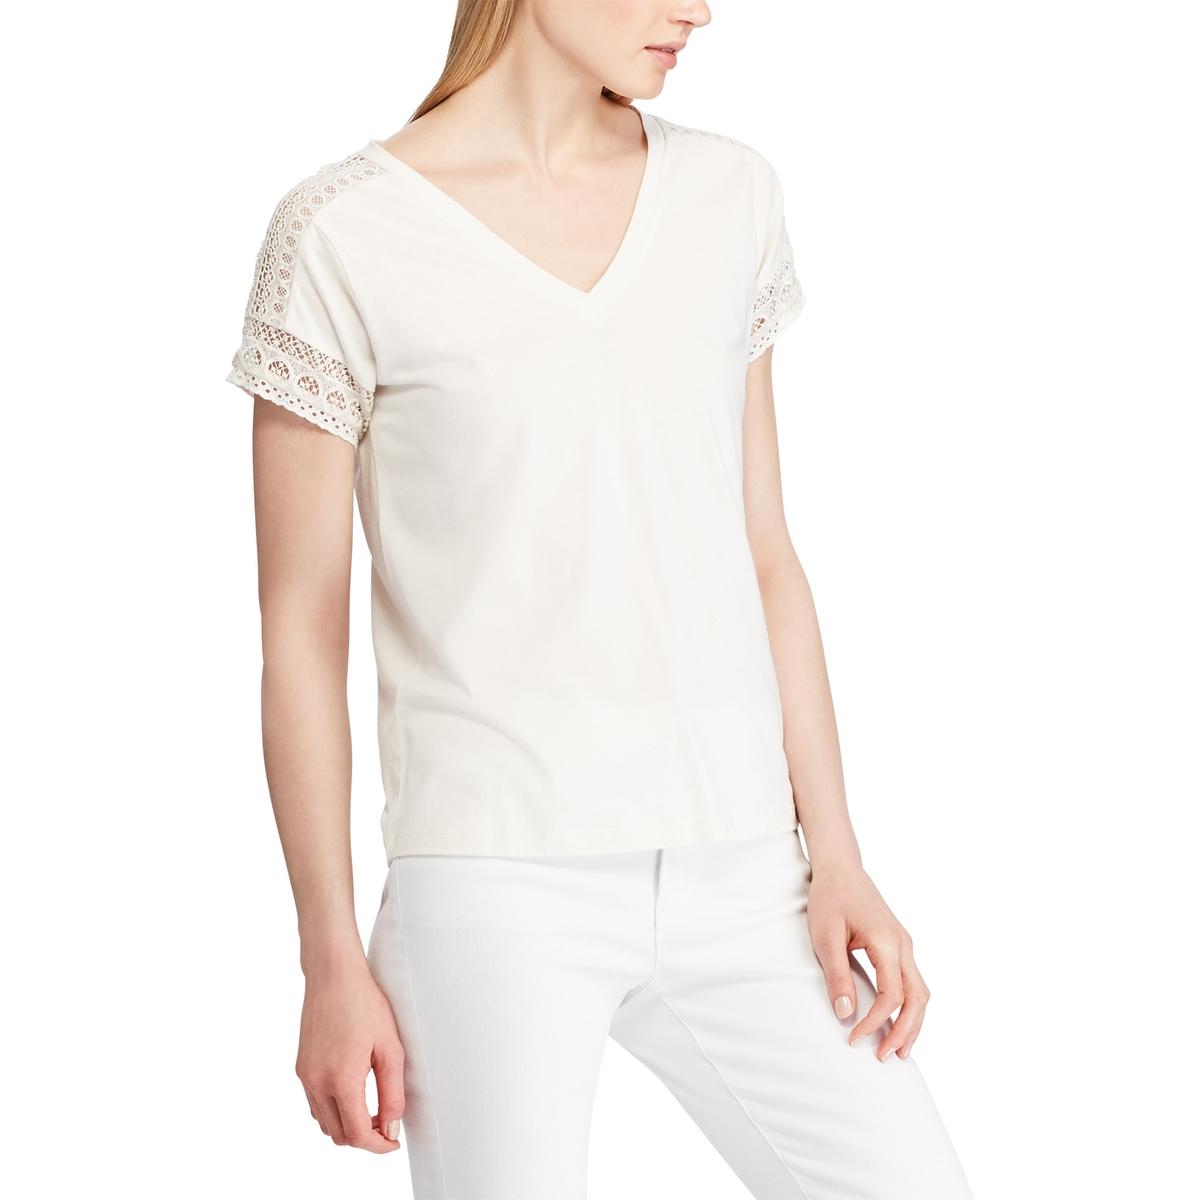 Блузка La Redoute С V-образным вырезом короткими рукавами и кружевом M бежевый футболка la redoute с v образным вырезом короткими рукавами и принтом спереди l белый